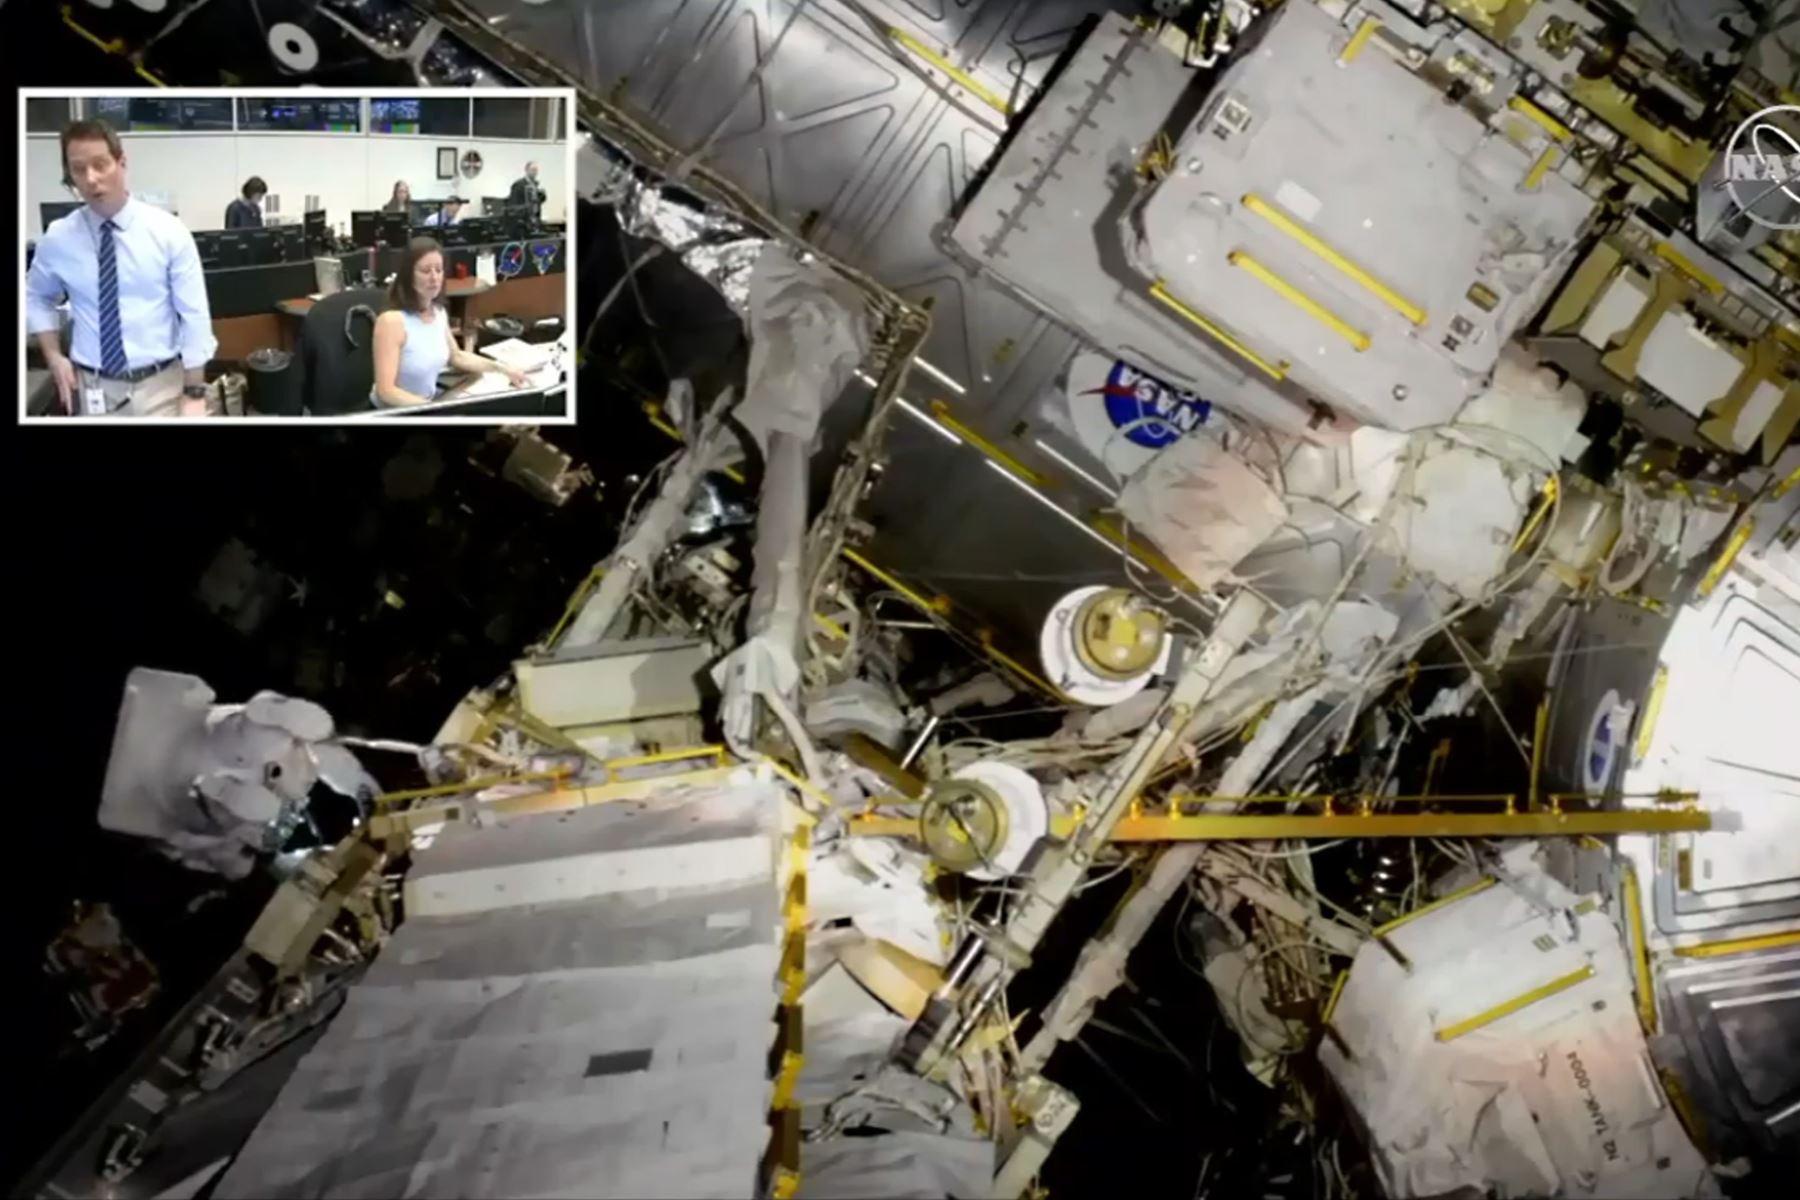 Imagen obtenida de la televisión de la NASA muestra al astronauta francés de la ESA Thomas Pesquet (en el recuadro) en el Centro Espacial Johnson en Houston, Texas, el 22 de marzo de 2019. Foto: AFP